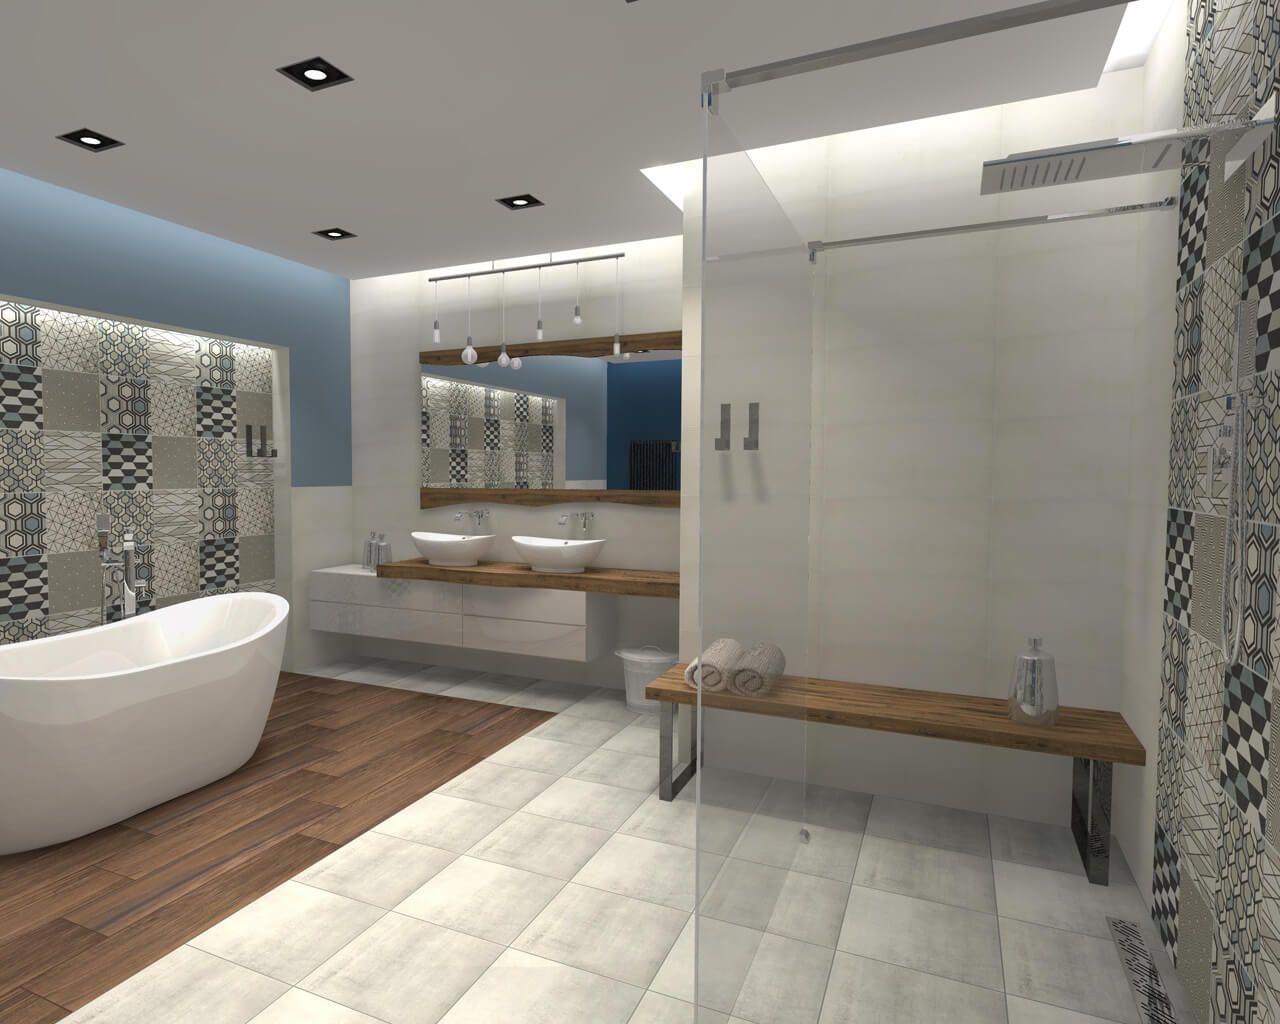 Prysznic Otwarty Na łazienkę Walk In Shower Ceramika Paradyż